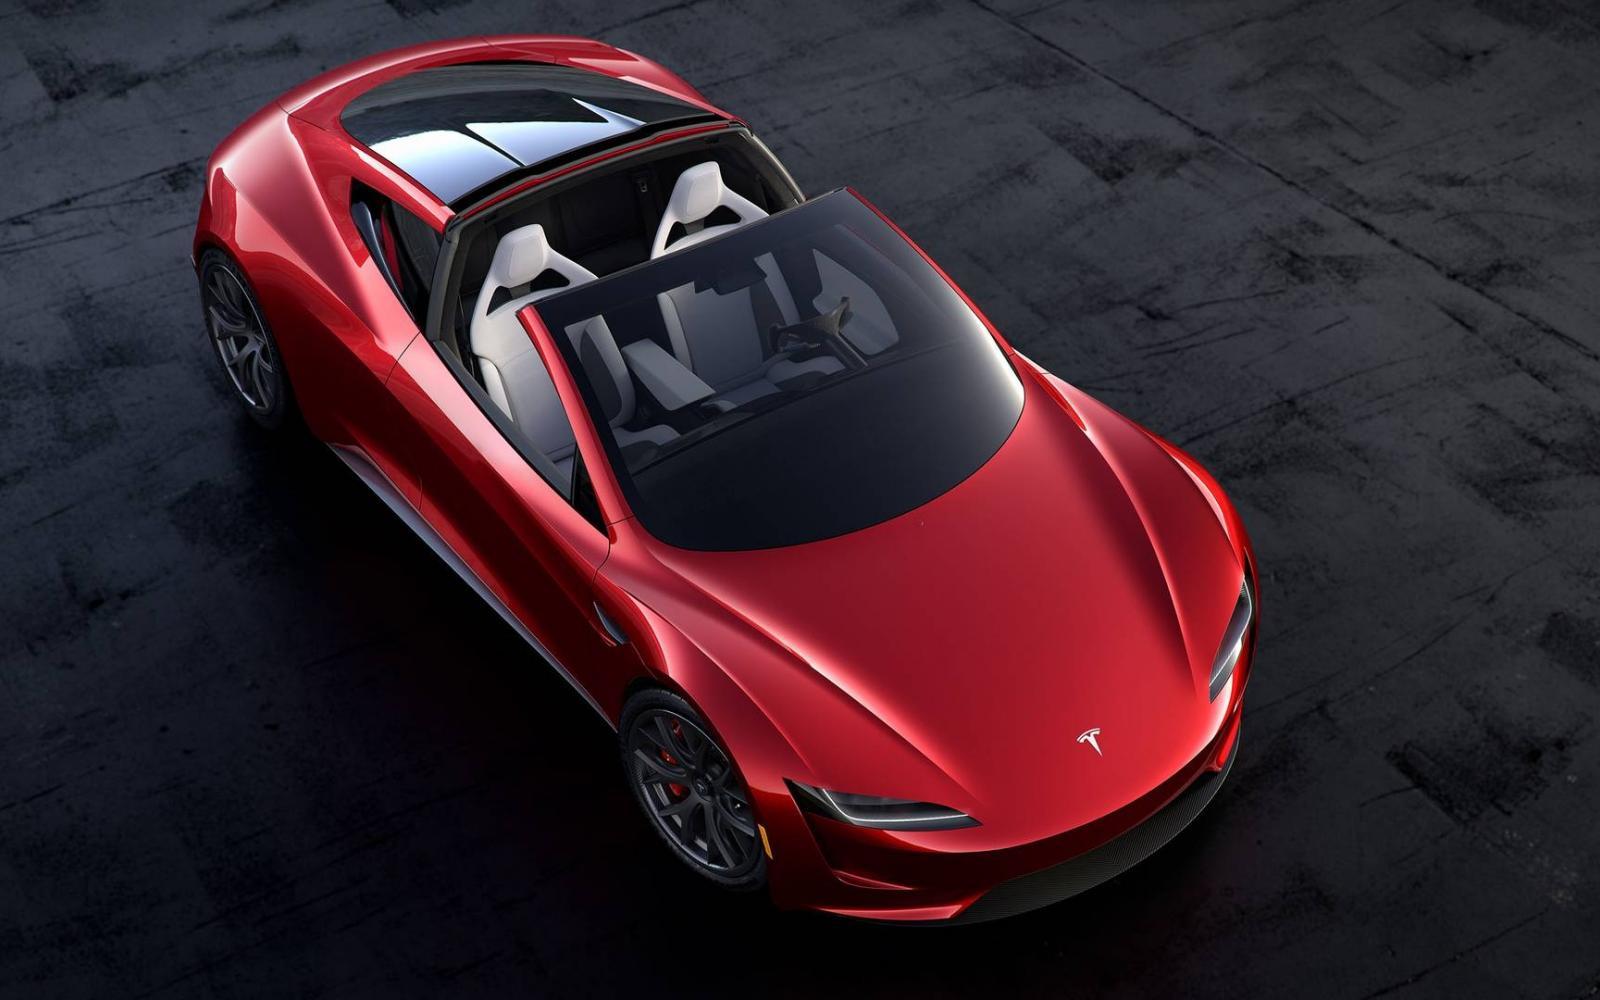 Zeg Elon Musk, waar blijven de Tesla Roadster en Cybertruck nou?